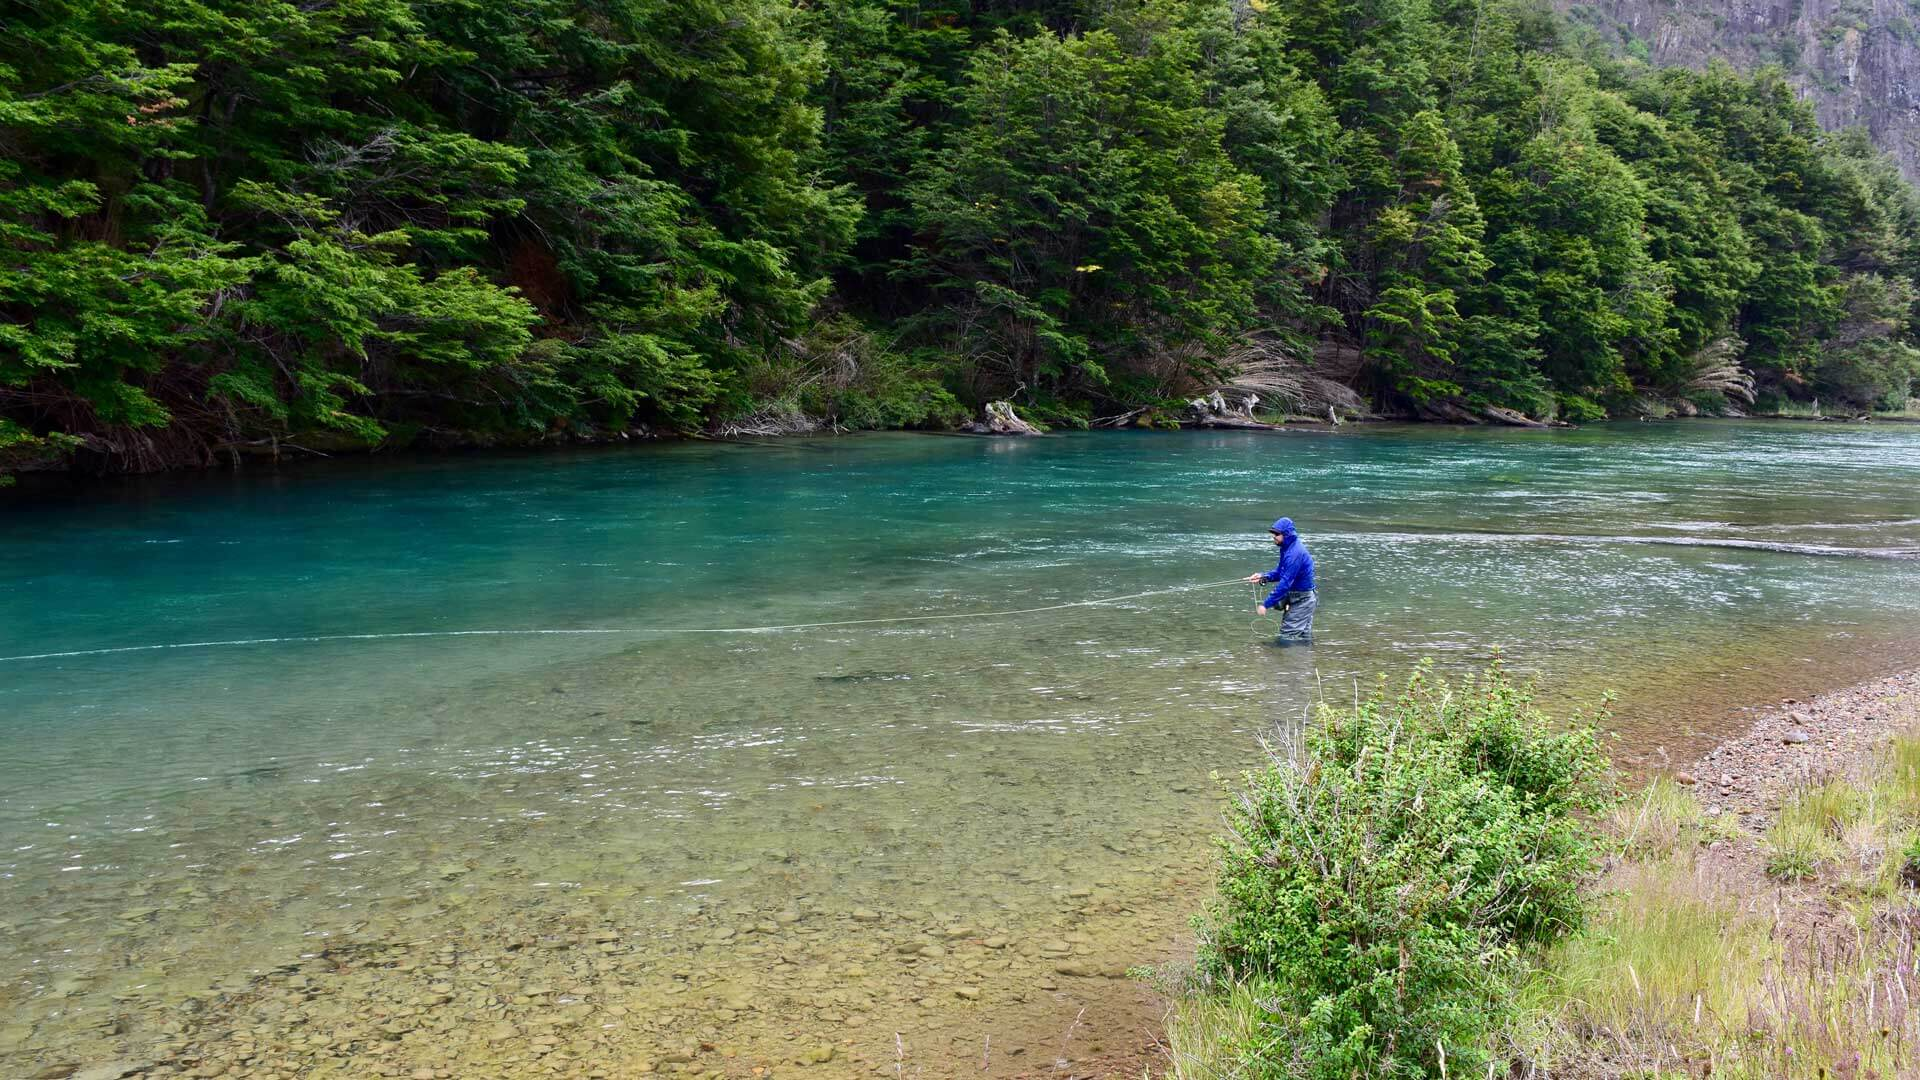 Jarvis fischt am türkisfarbenen Rio Mogote